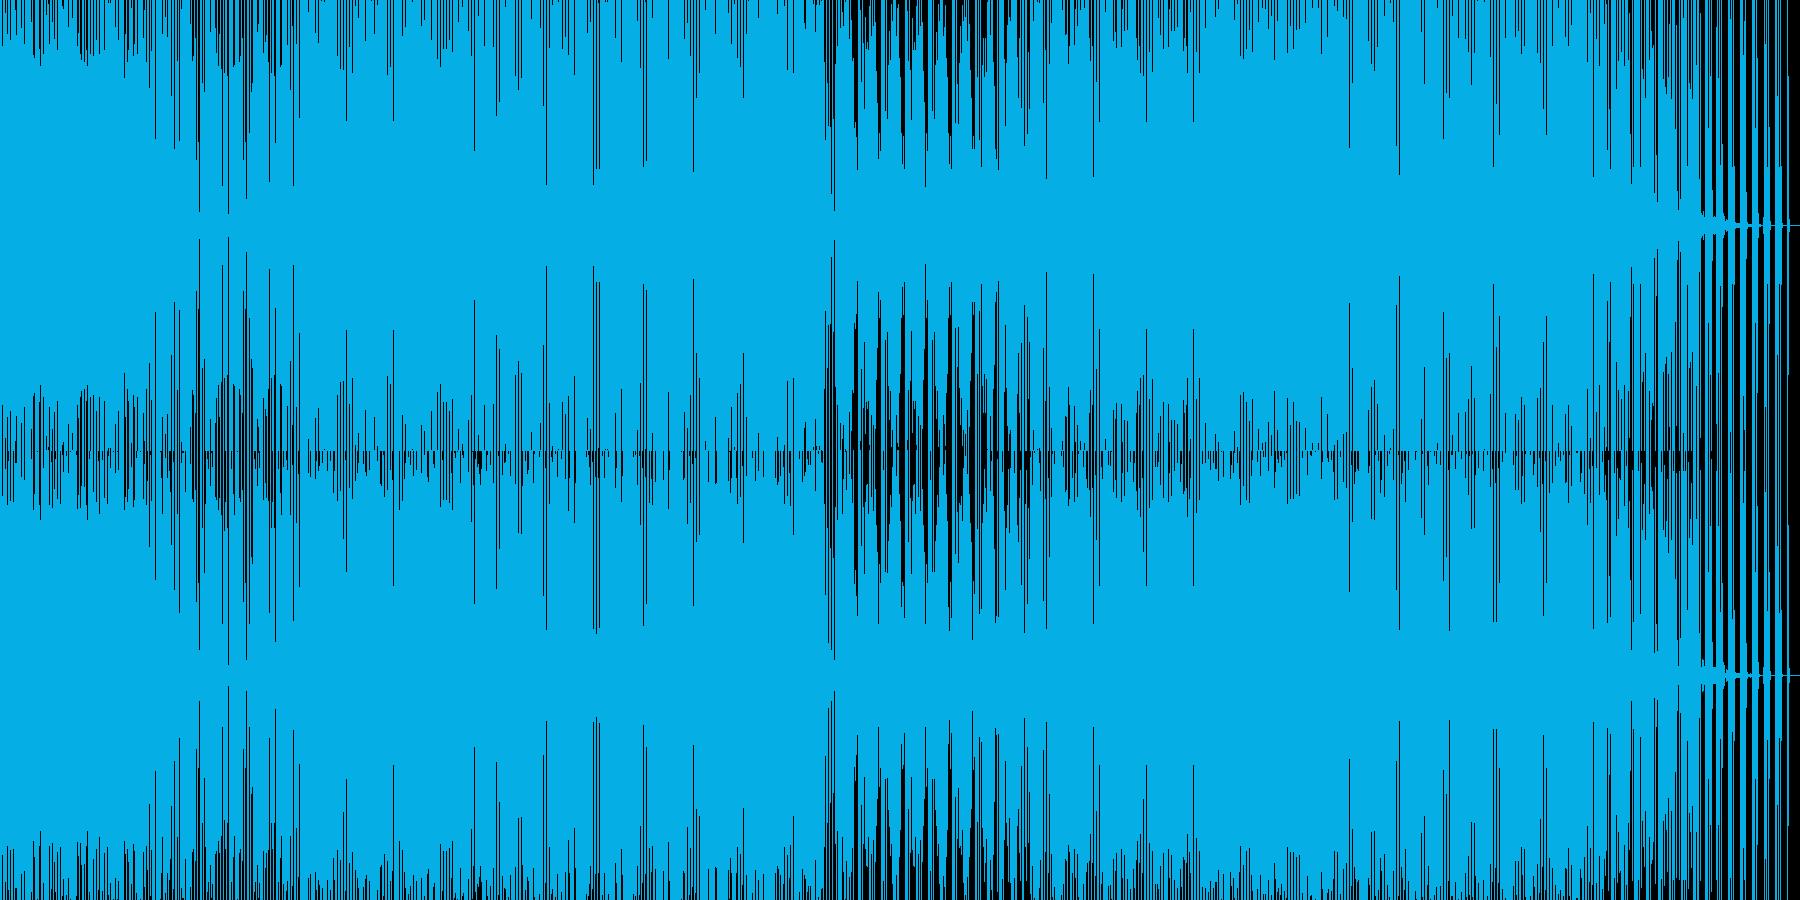 ダークな重いハウスの再生済みの波形